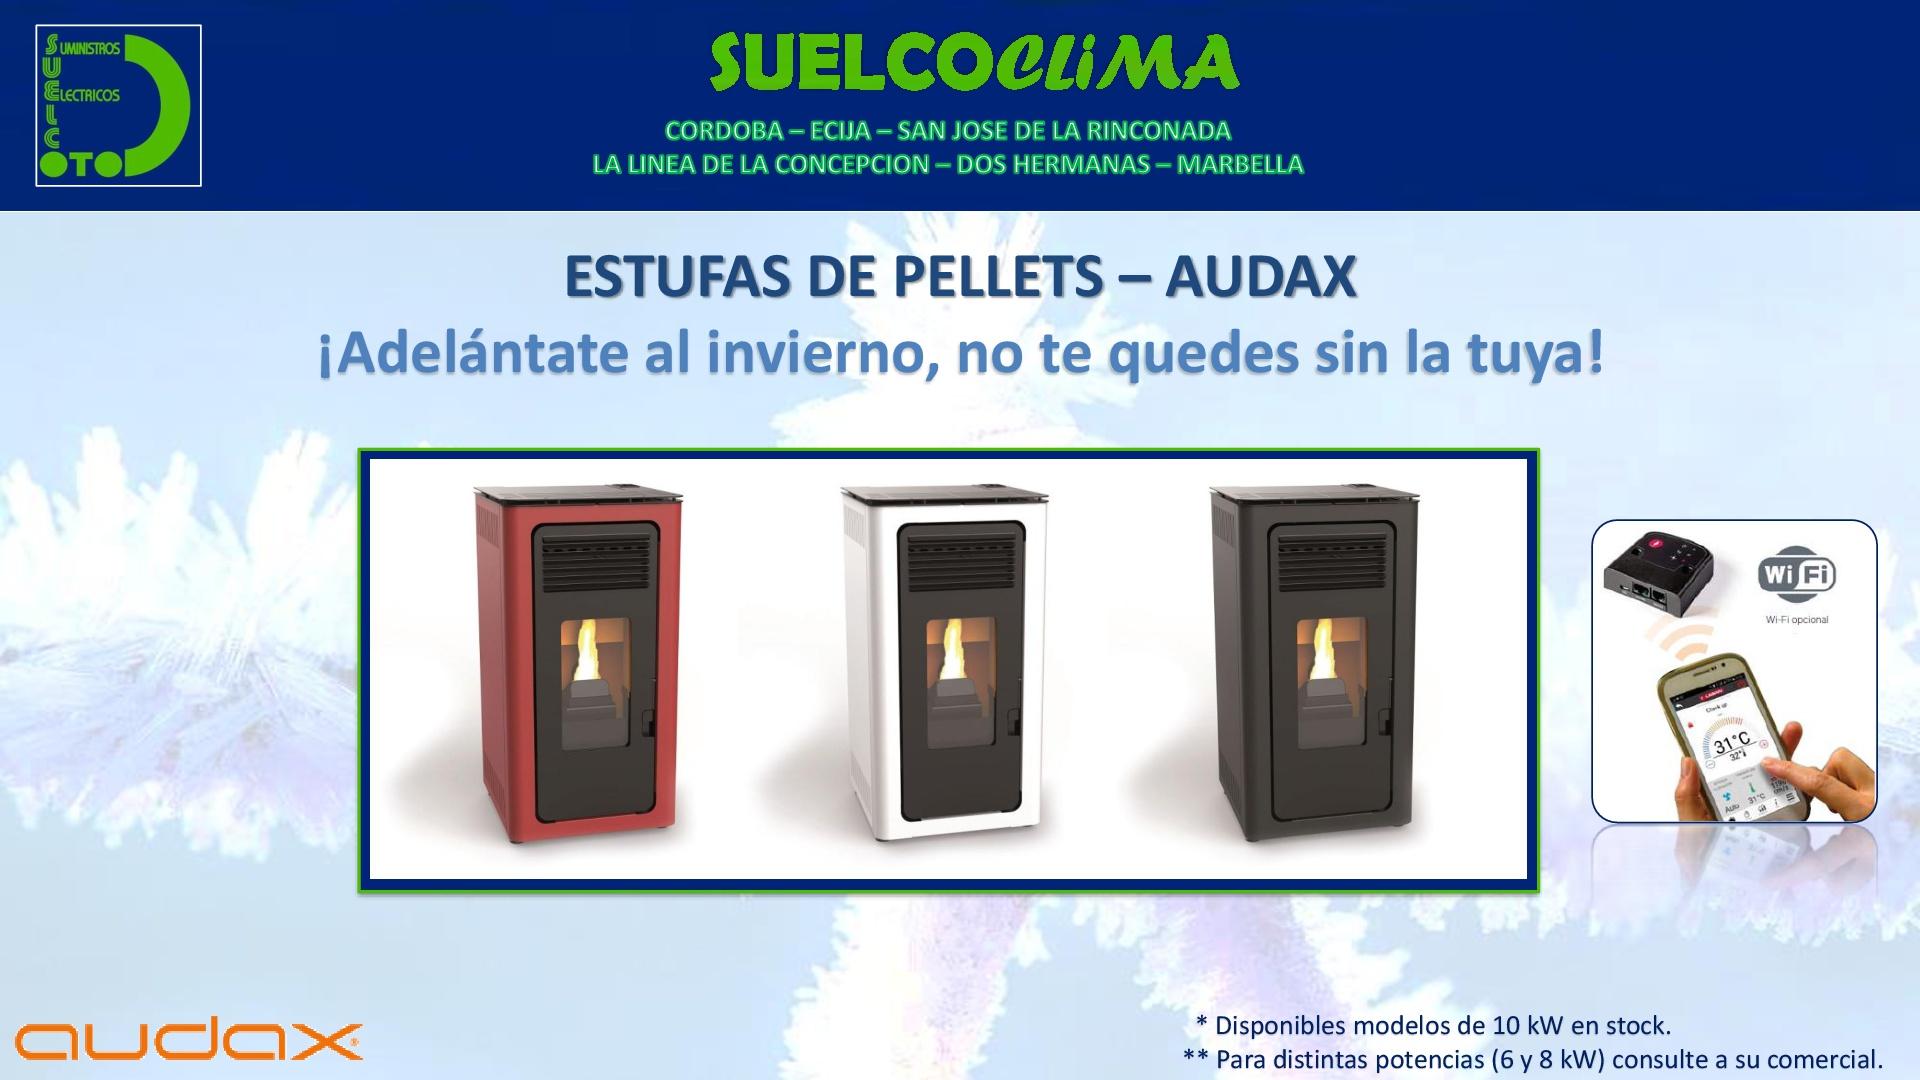 Estufas de Pellets de AUDAX